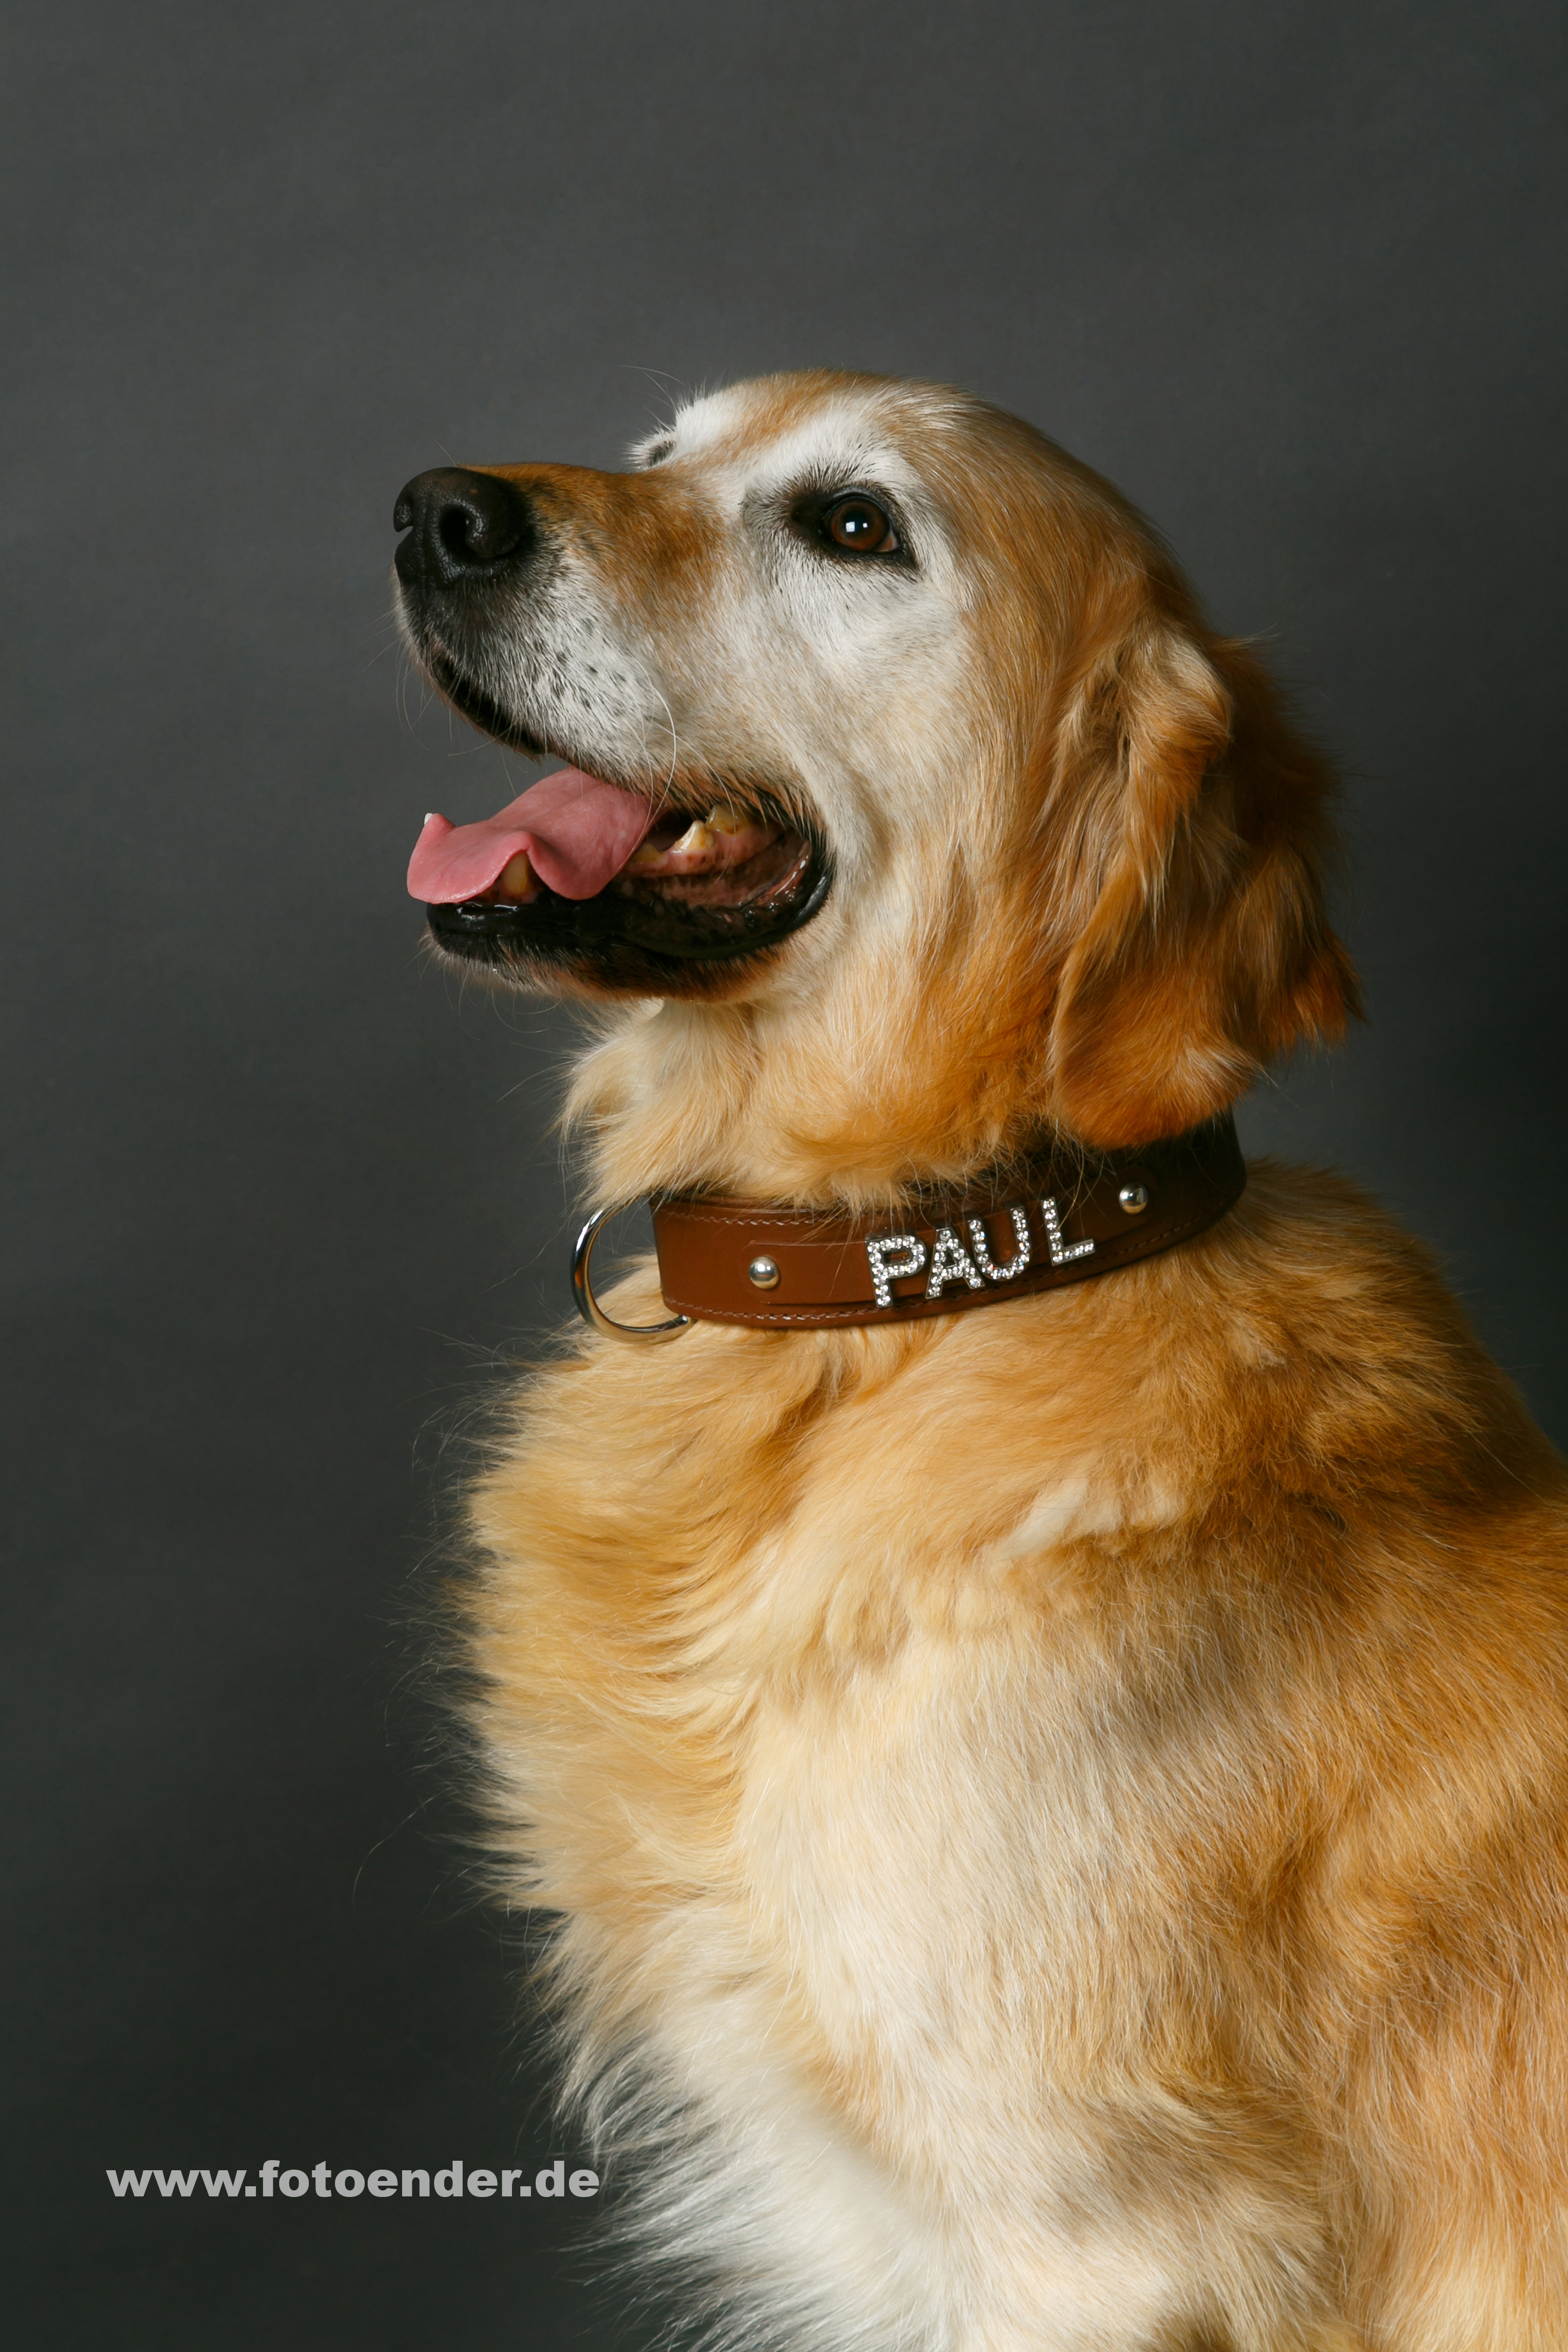 Tierfotografie Hund